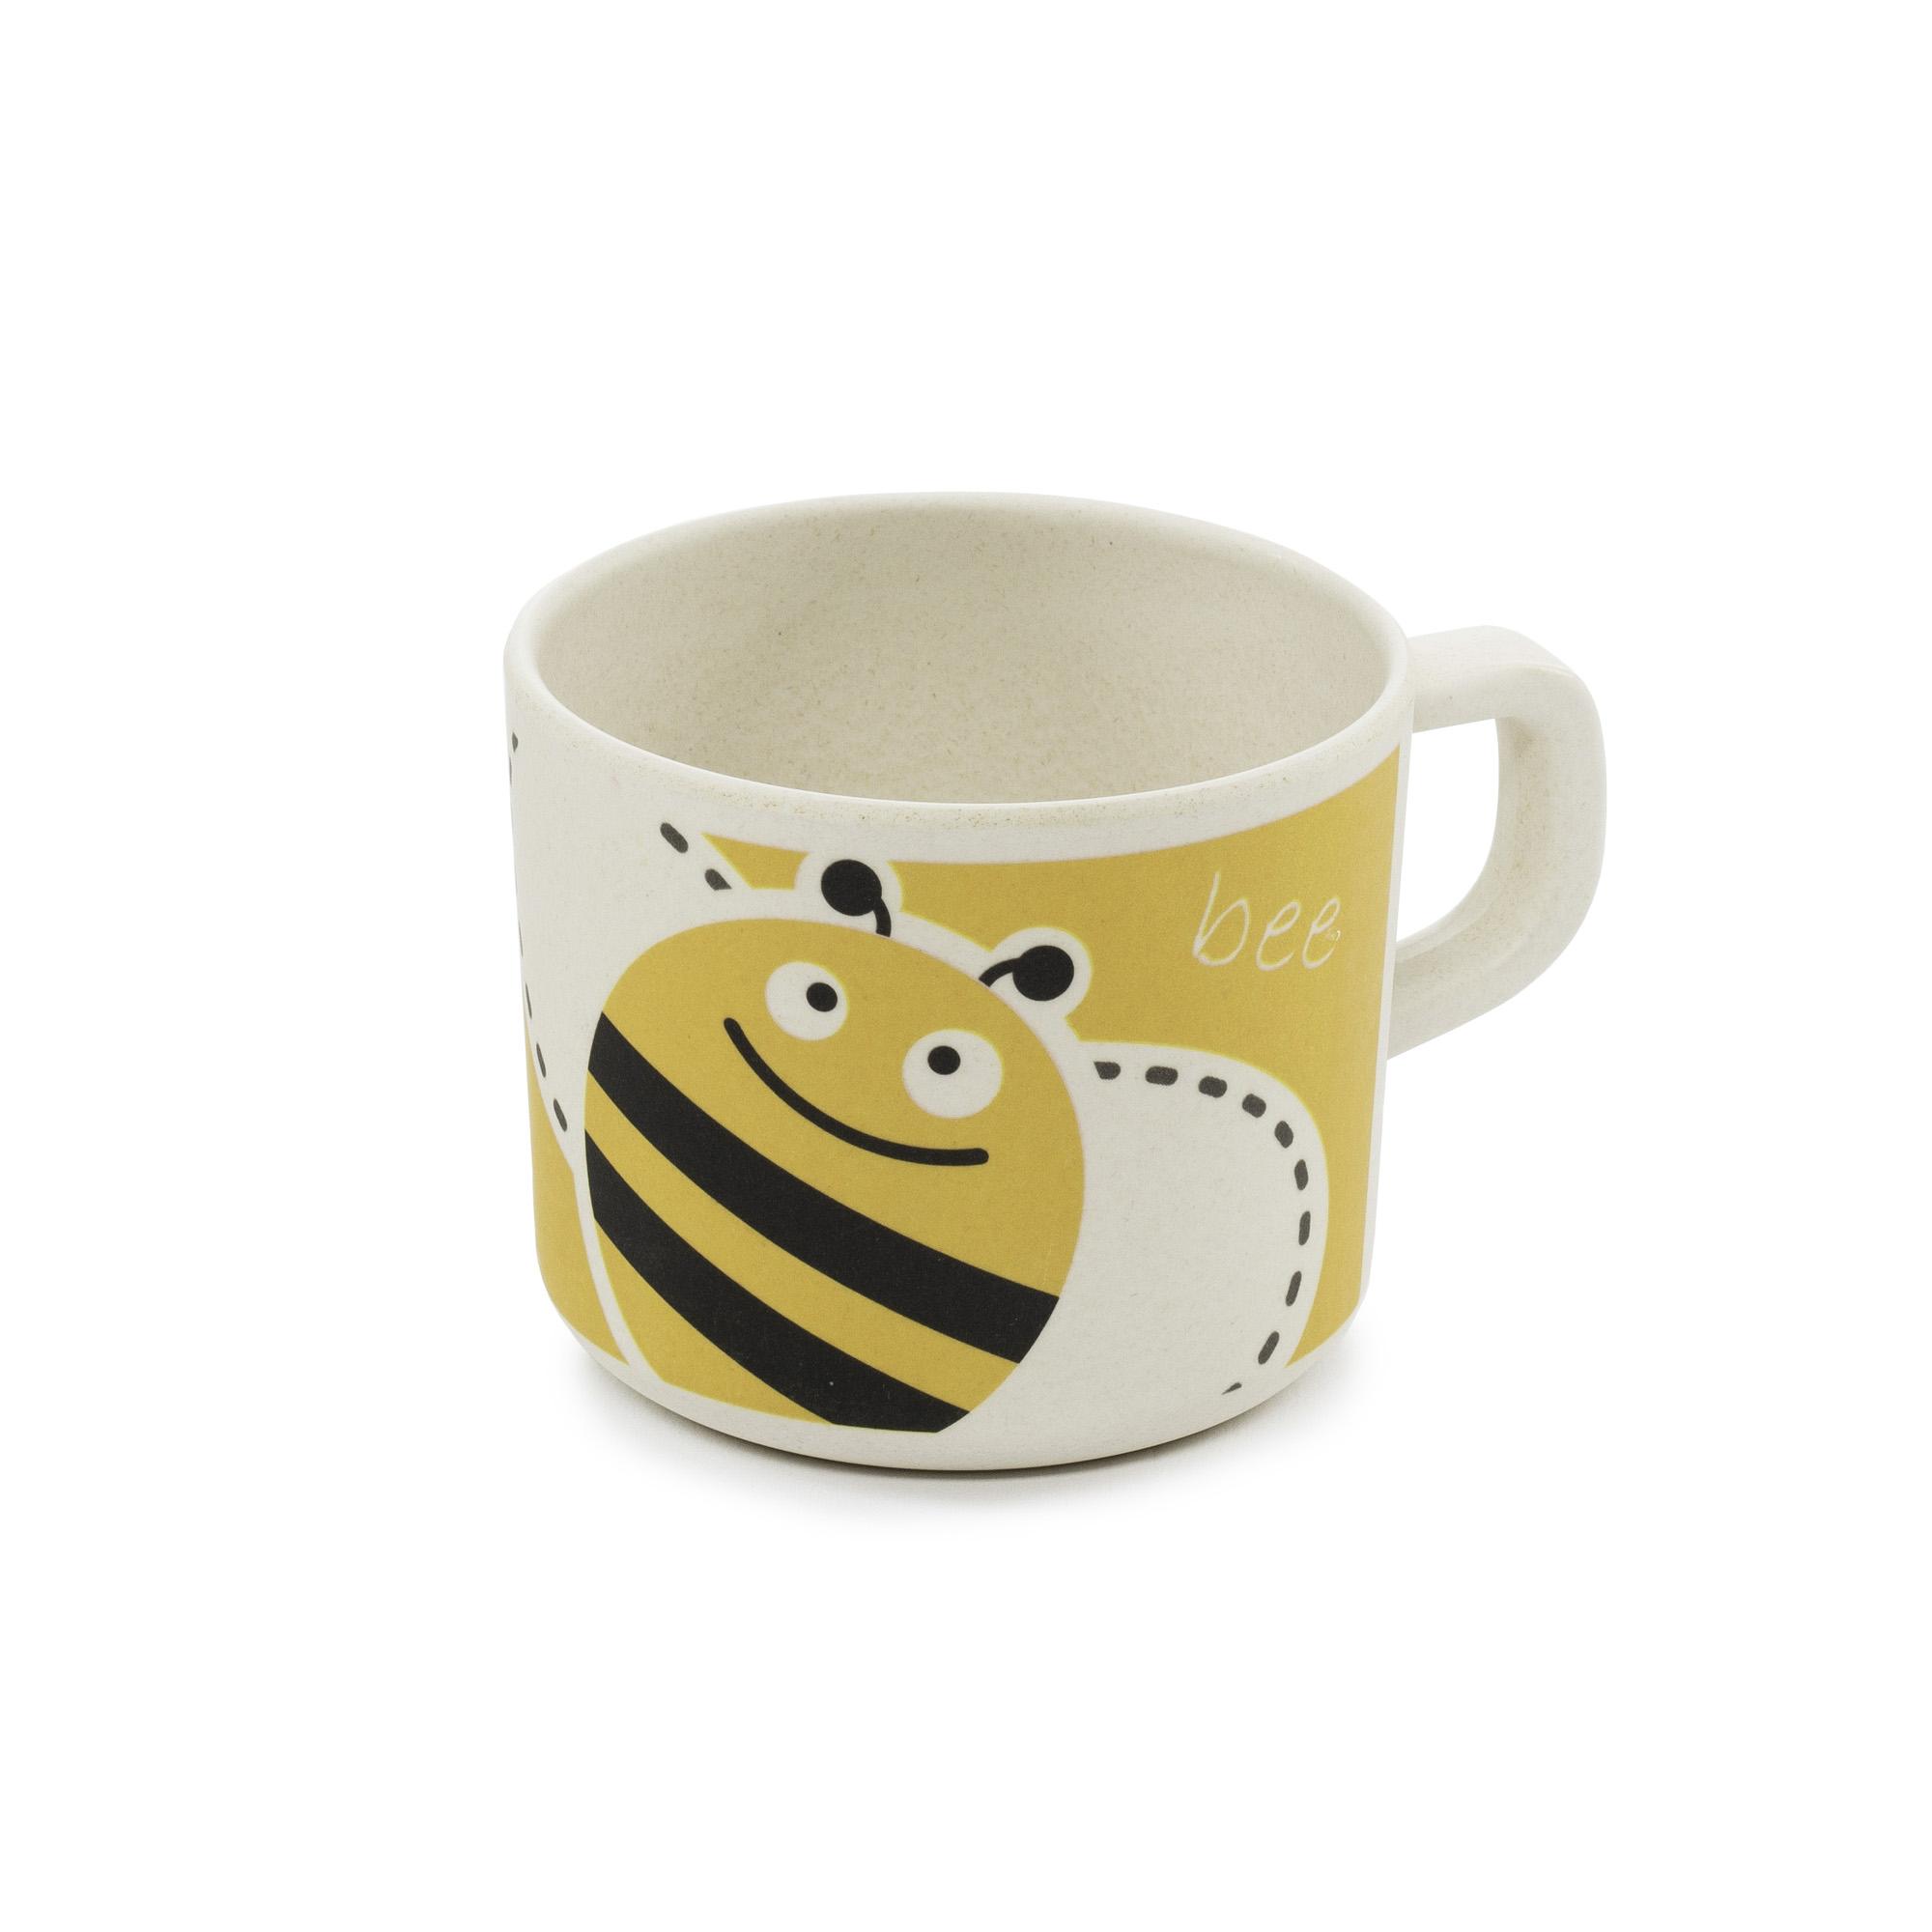 Bambusový hrníček, Bee